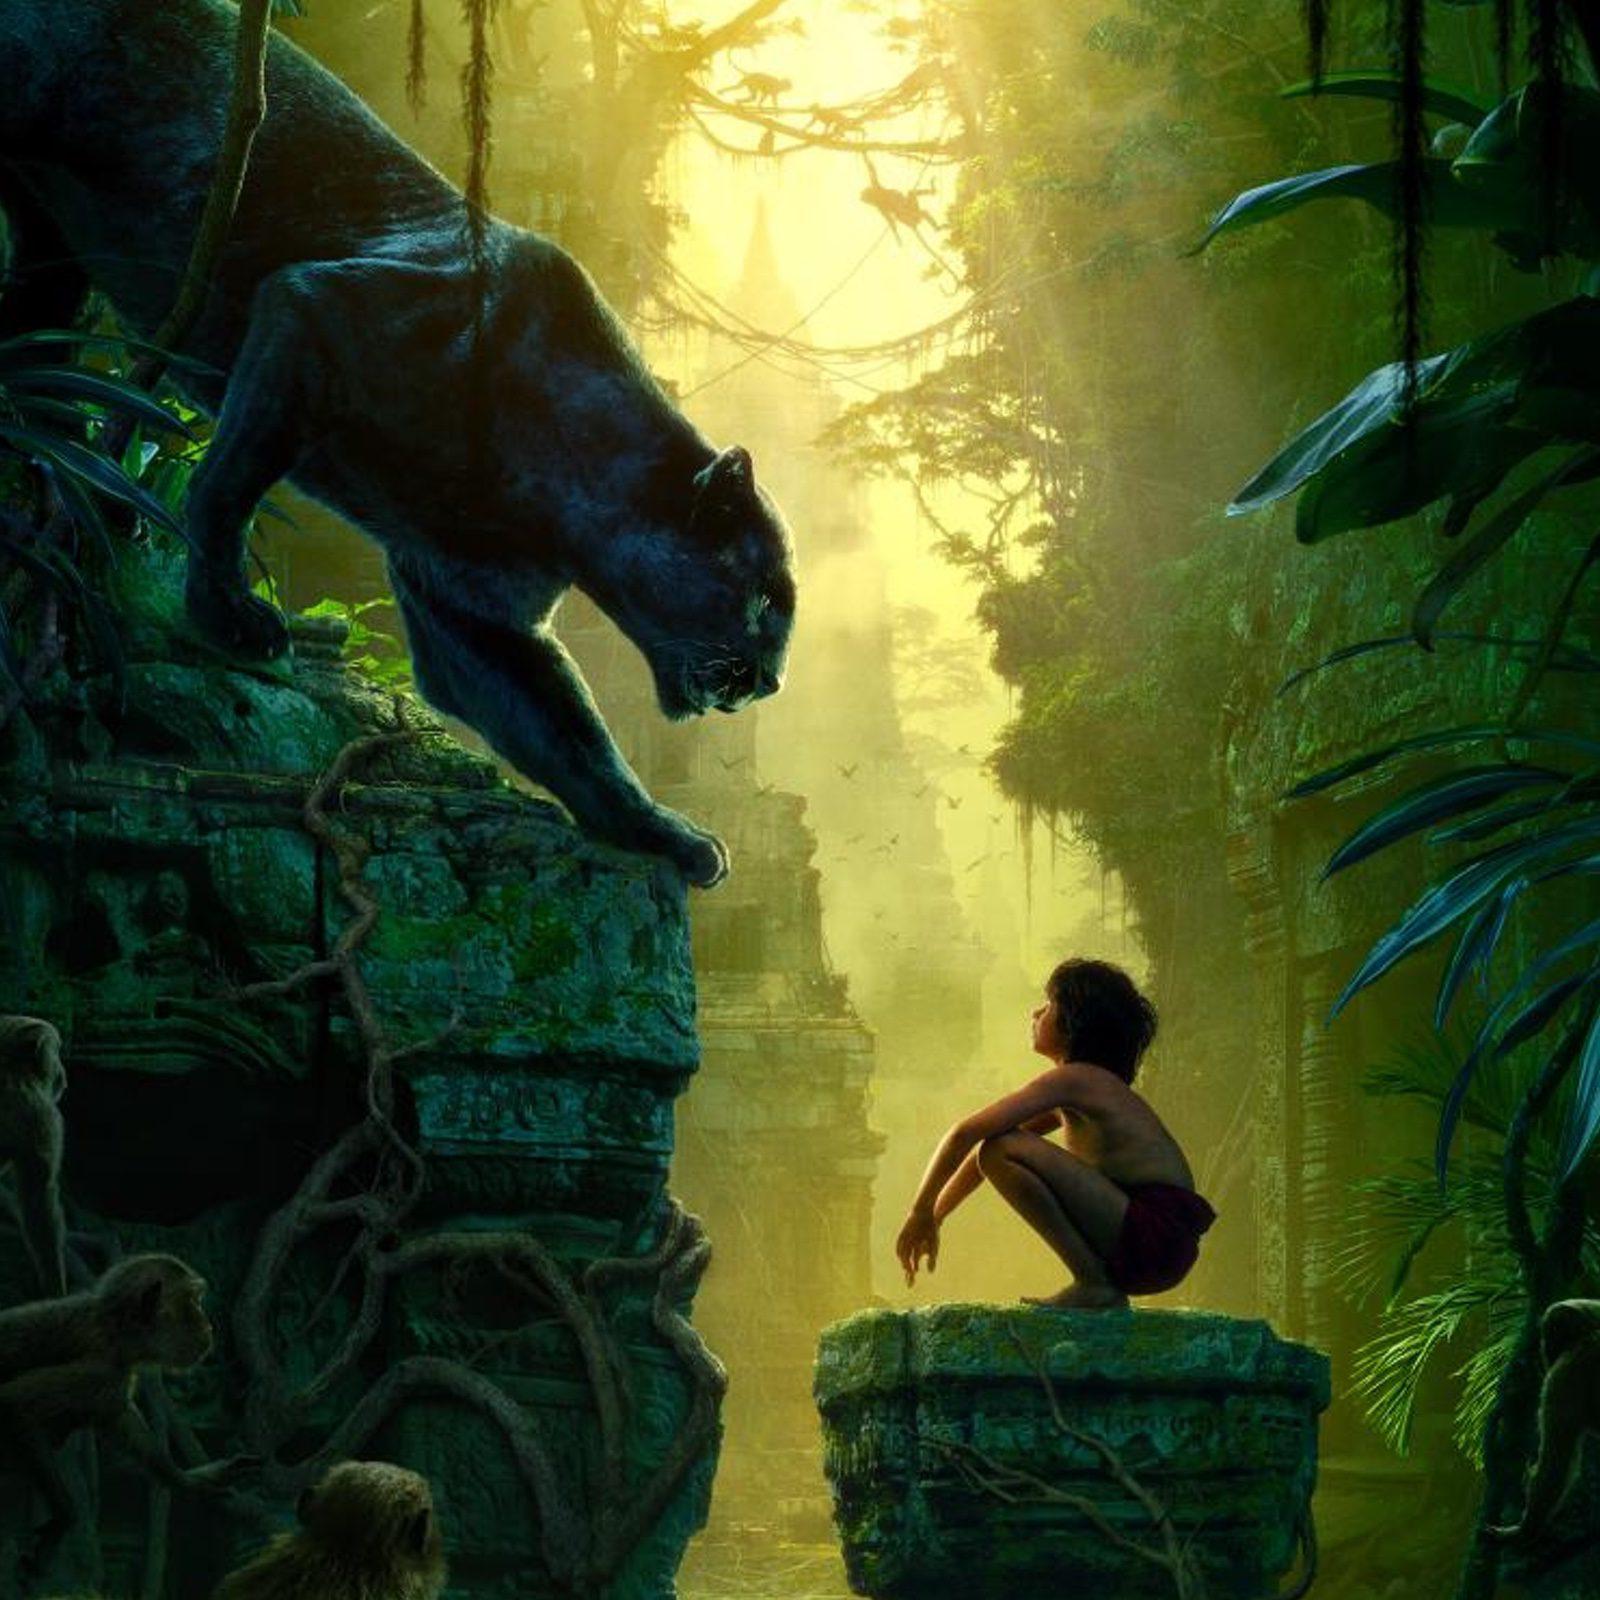 Nuevo tráiler y póster de 'El libro de la selva' - eCartelera